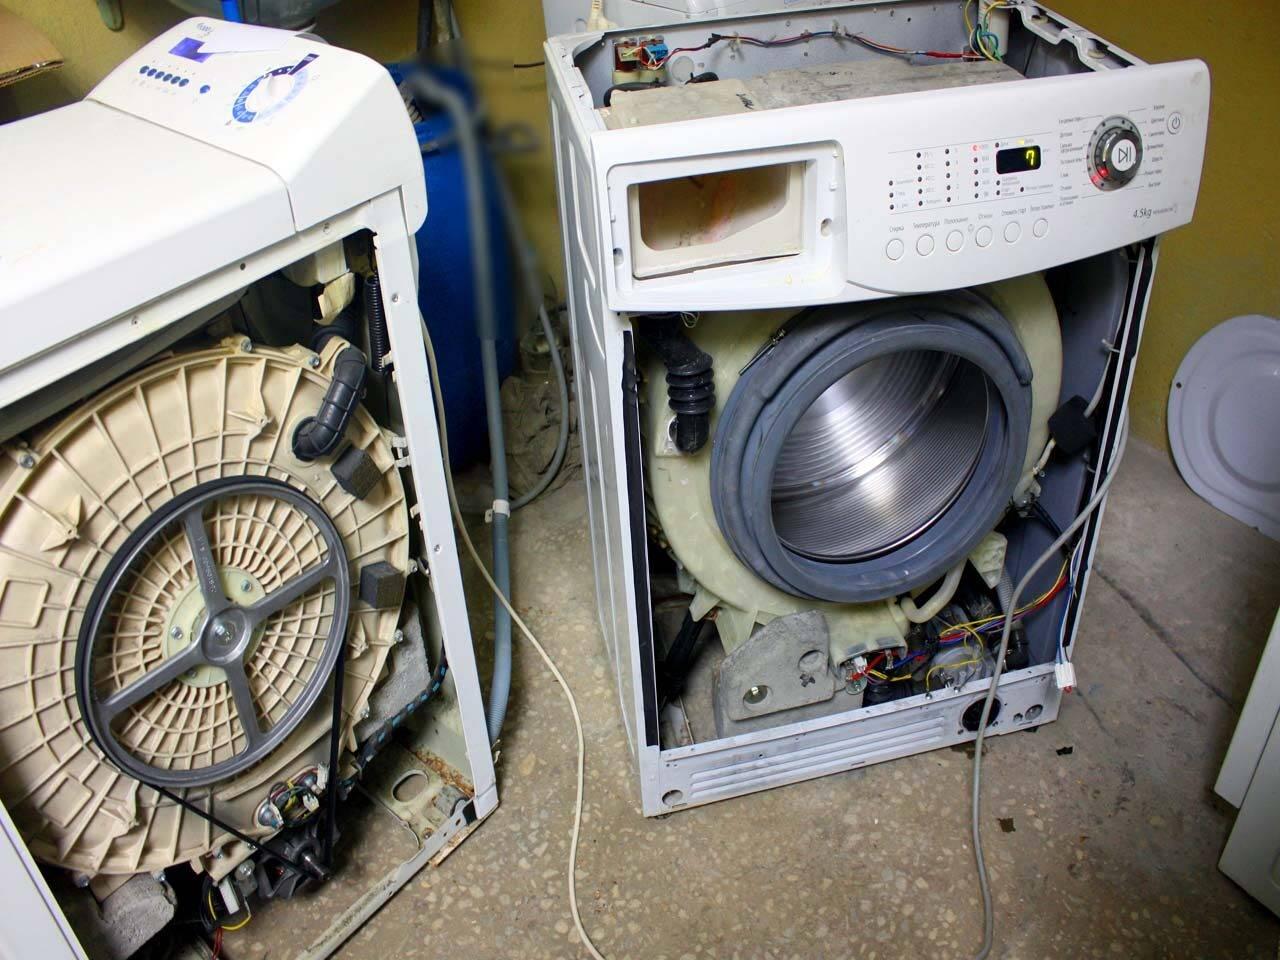 Как починить дверцу стиральной машины своими руками: советы по ремонту